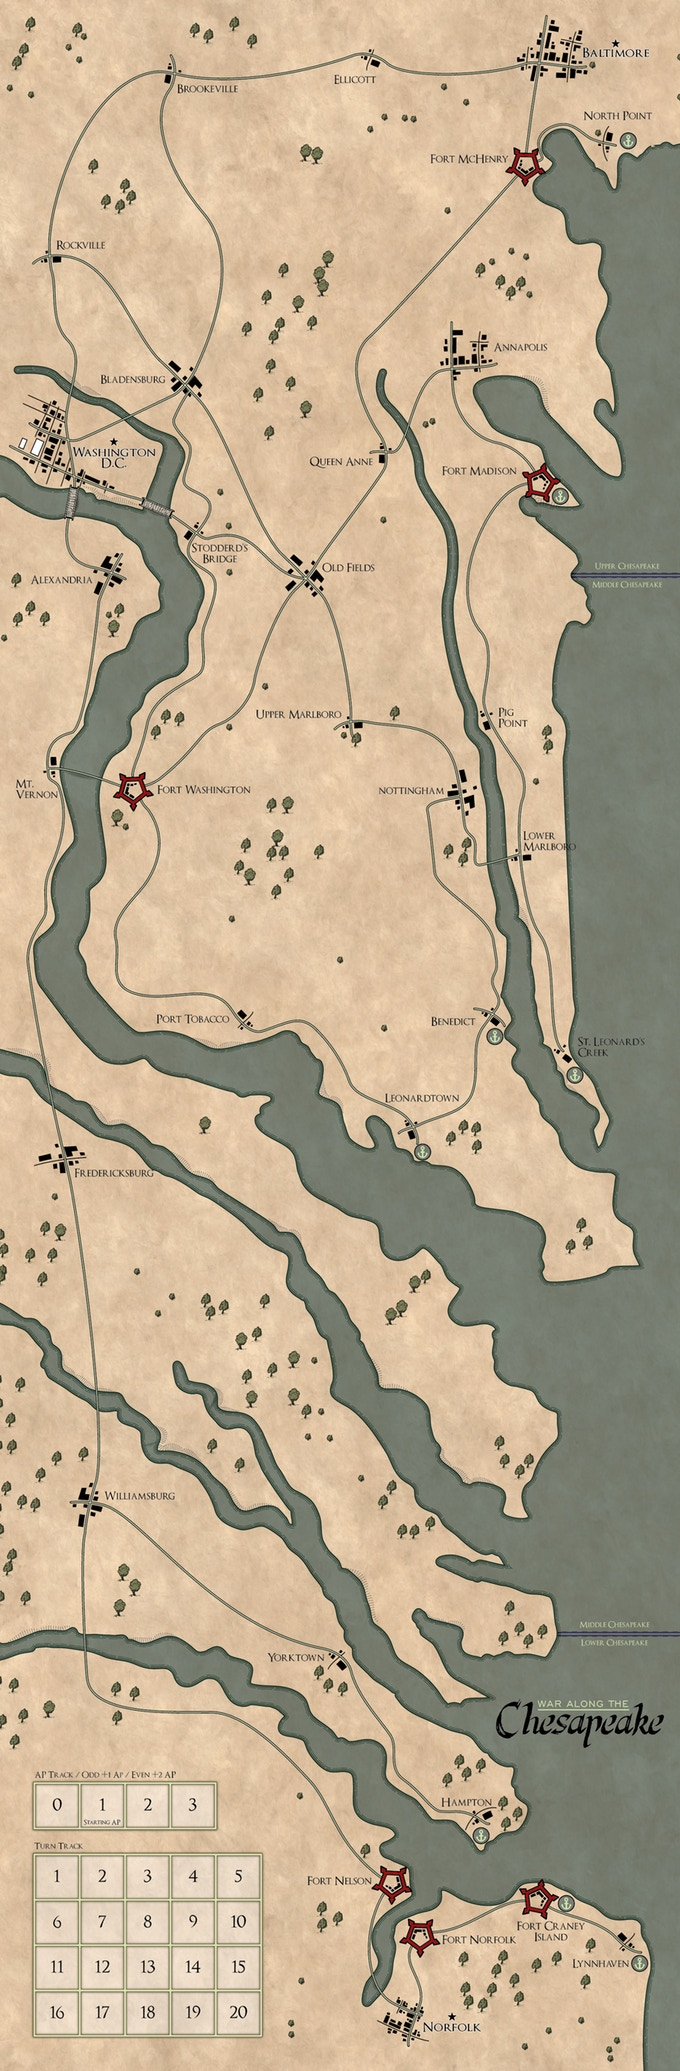 chesapeake map.jpg